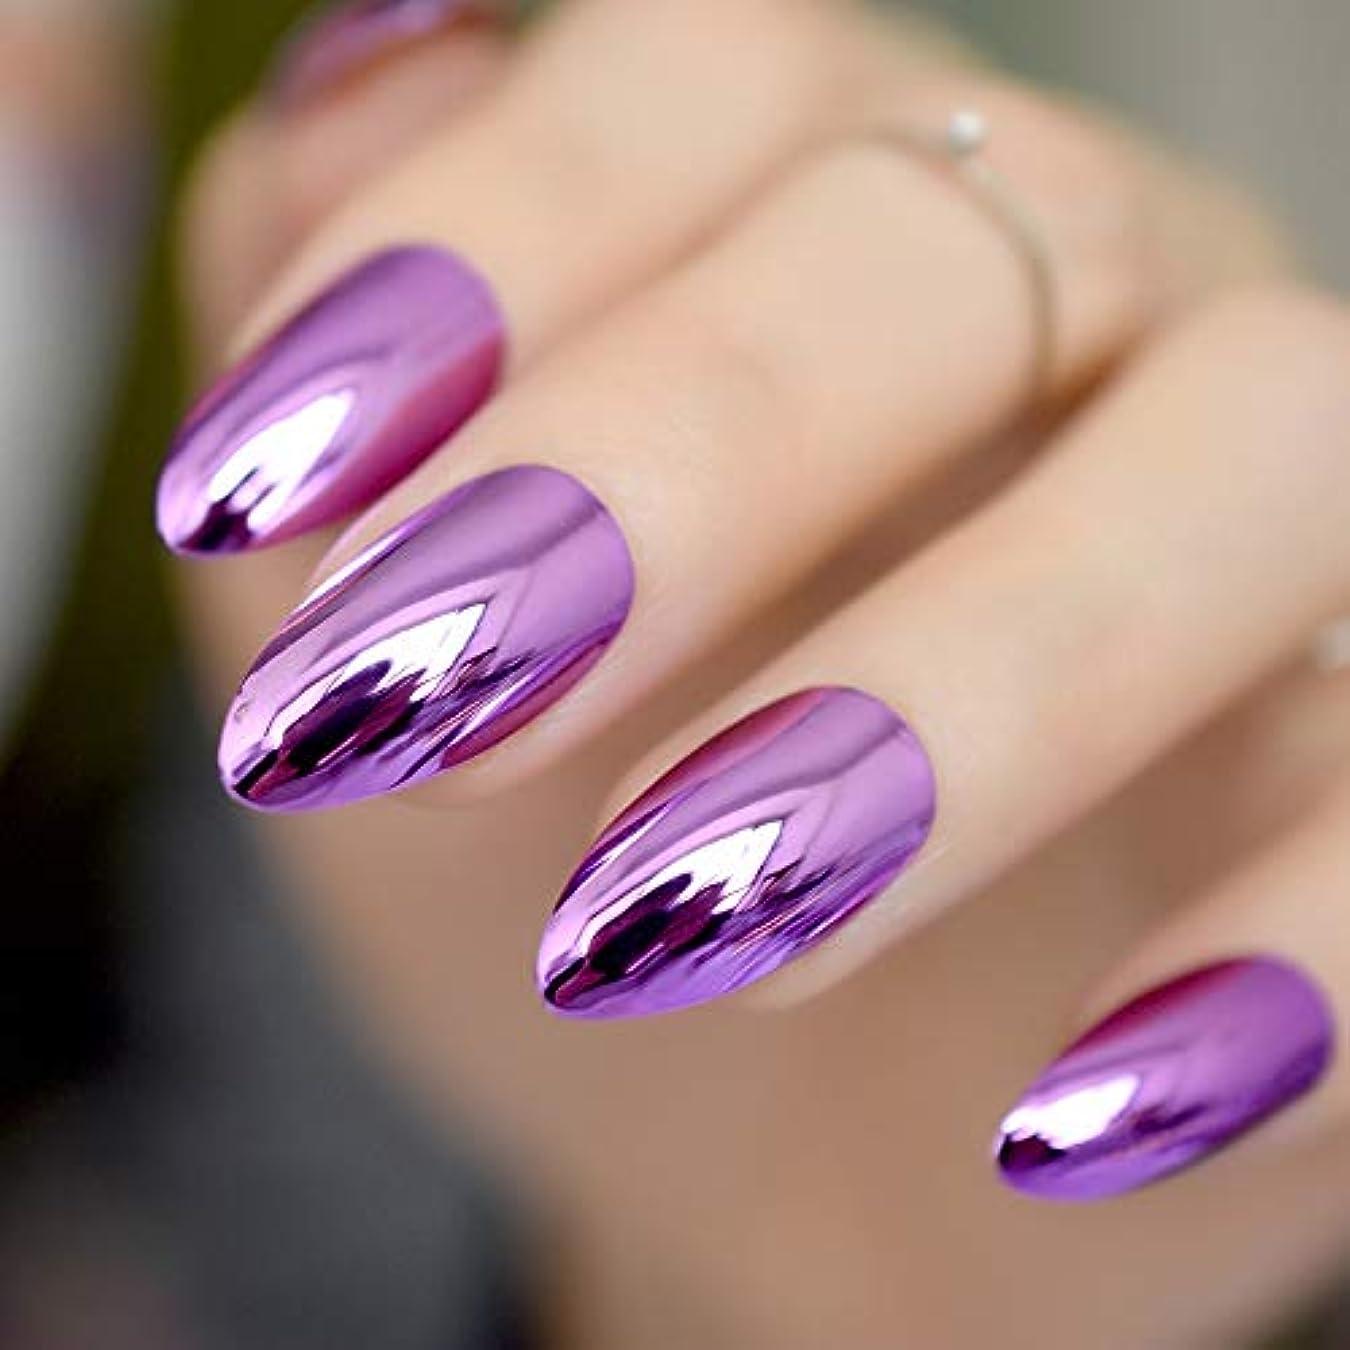 水曜日み衝突XUTXZKA 女性の指のヒントのためのアクリルパープル偽ネイルメタルミラー偽ネイルミディアムシャープスチレットネイル